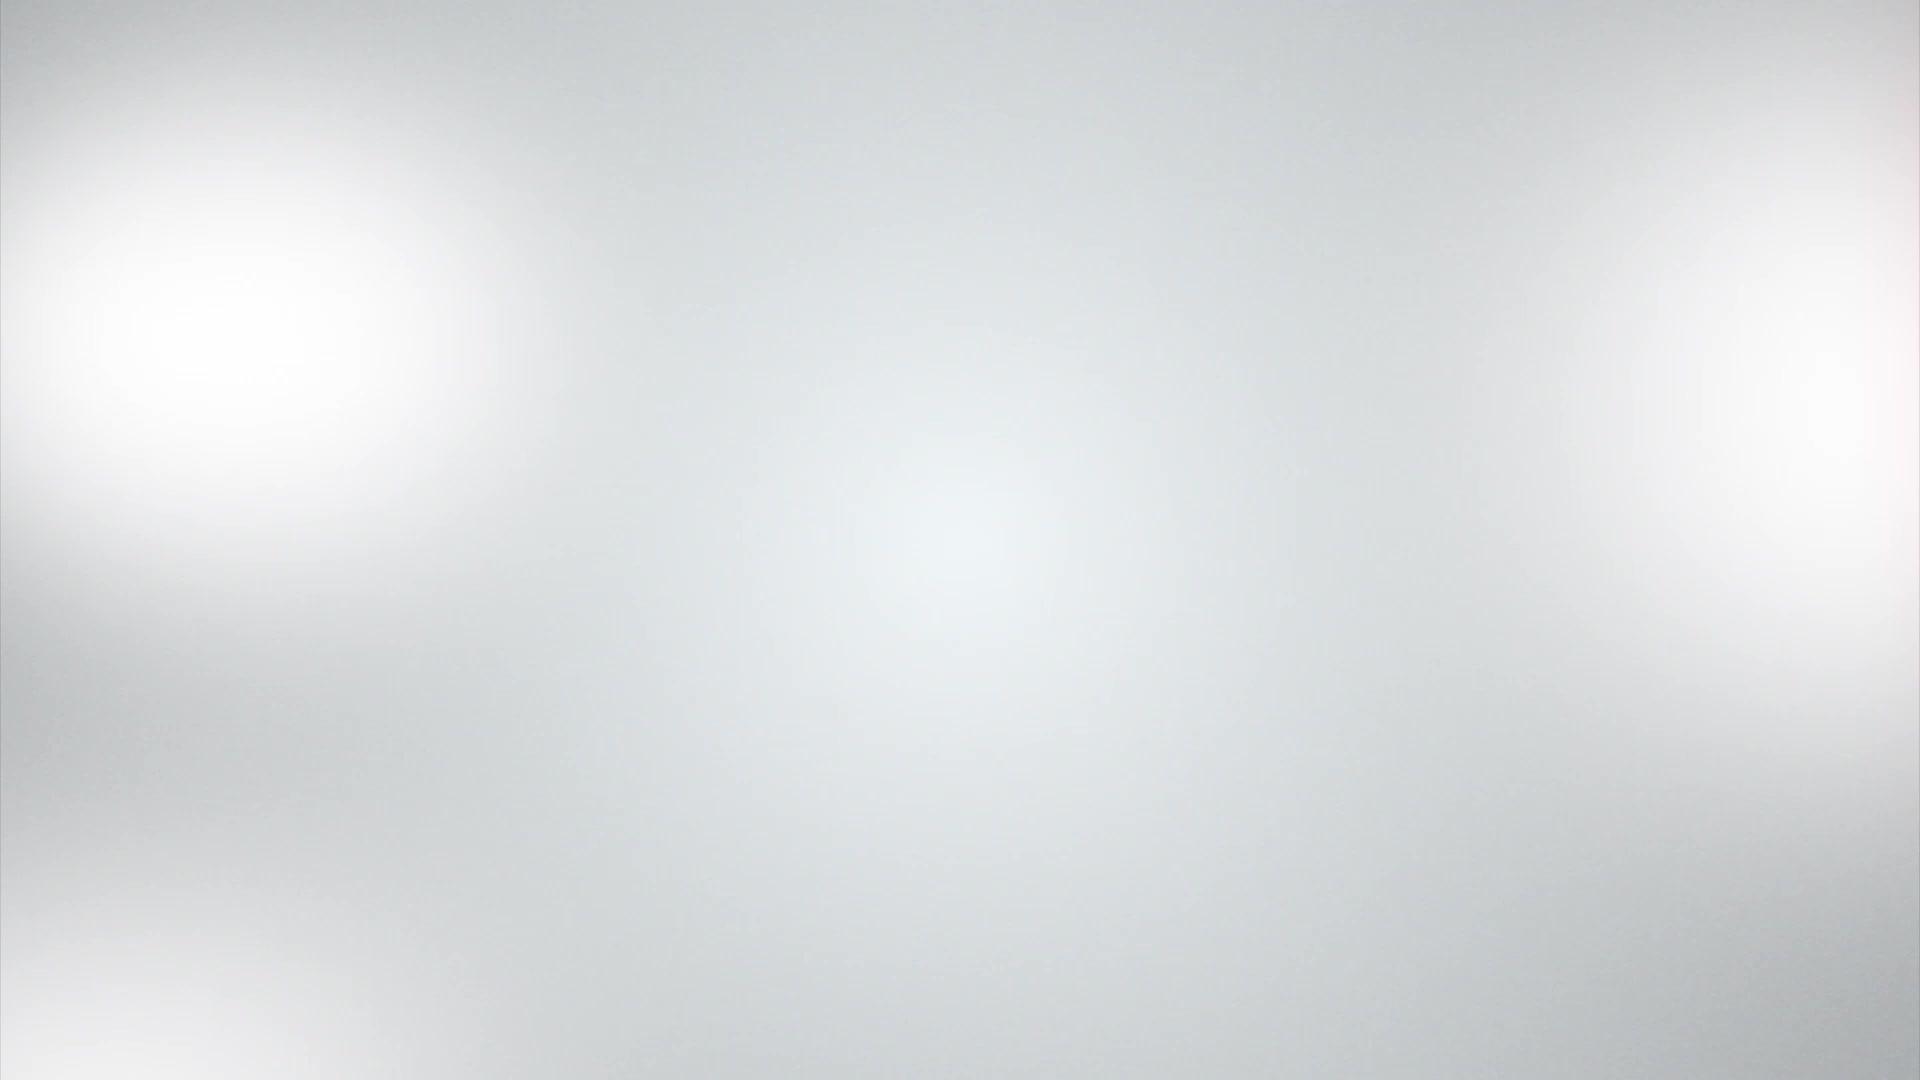 2020 パーソナルデジタルガラス計量体重スケール 180 キロの bluetooth 電子バスルーム体脂肪スケール